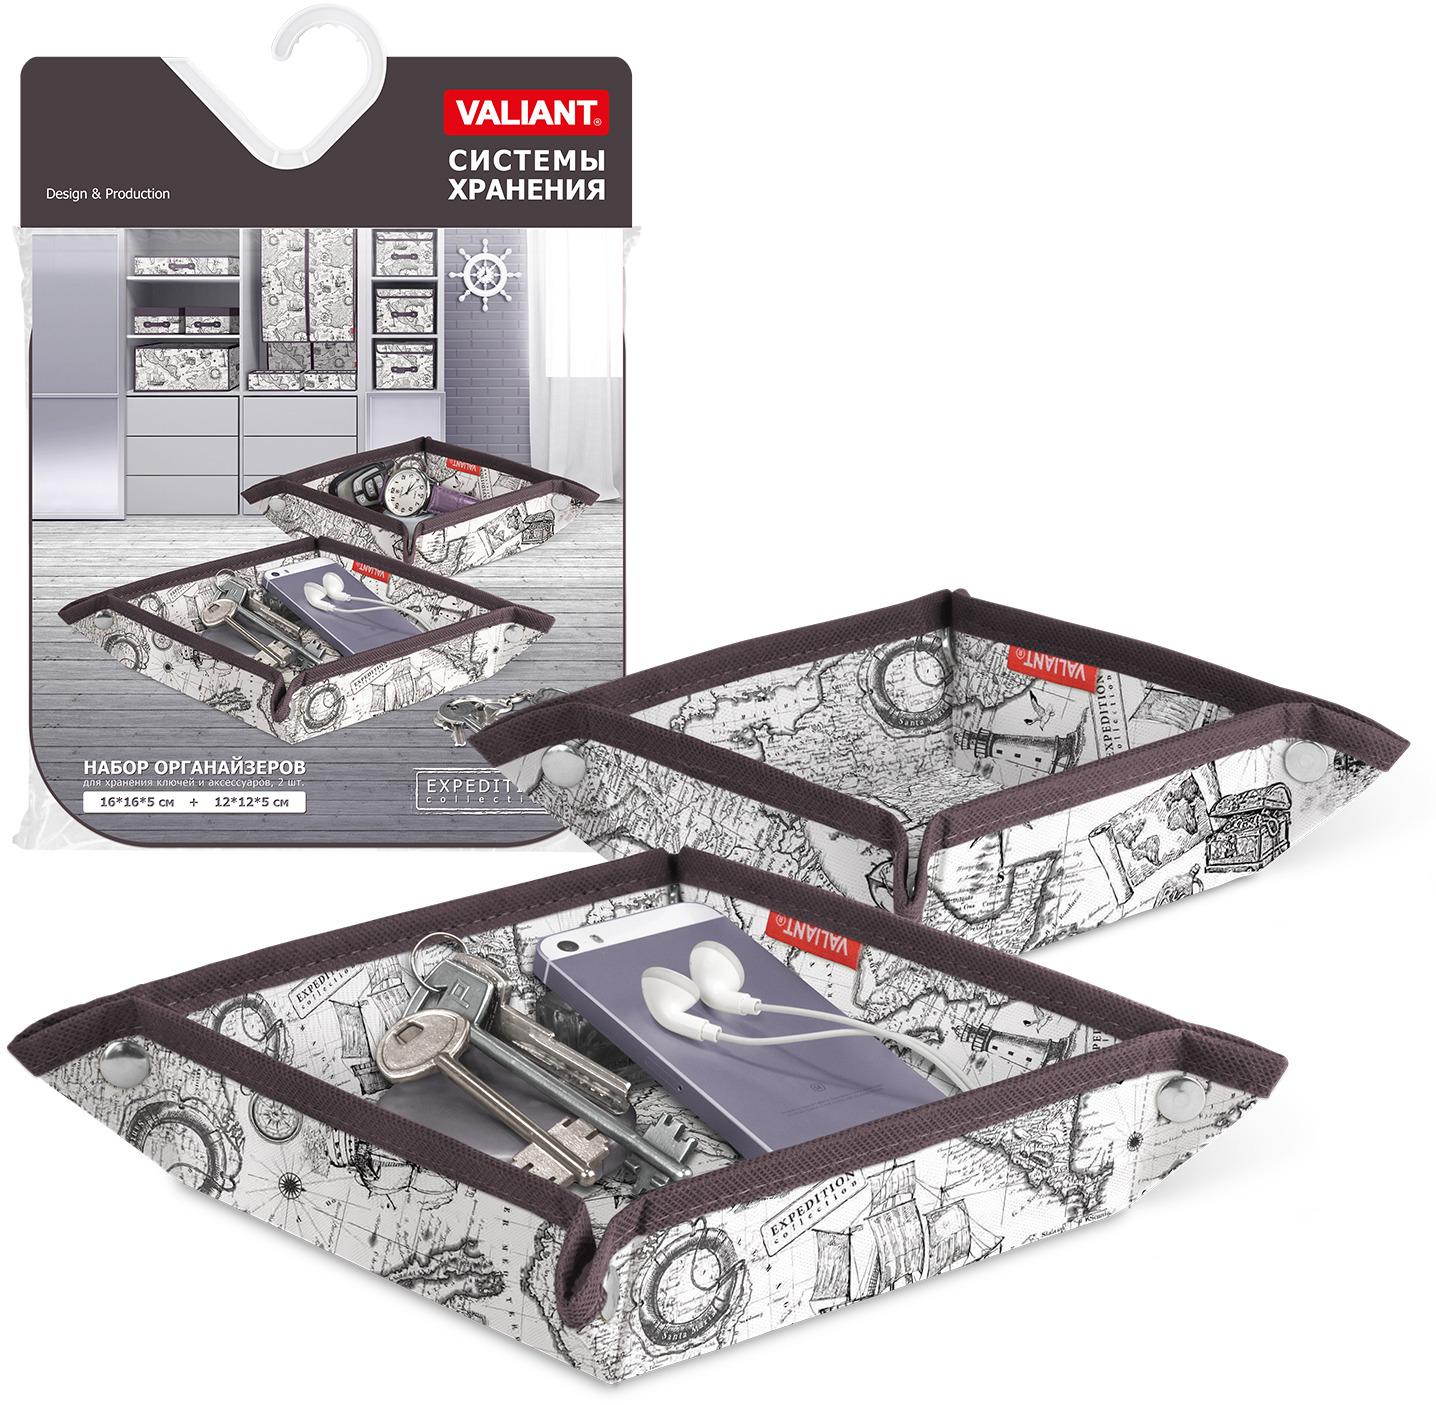 Органайзер для мелочей и косметики Valiant Expedition, цвет: светло-серый, 2 штEX-S2KНабор органайзеров для ключей и аксессуаров, 2 шт.